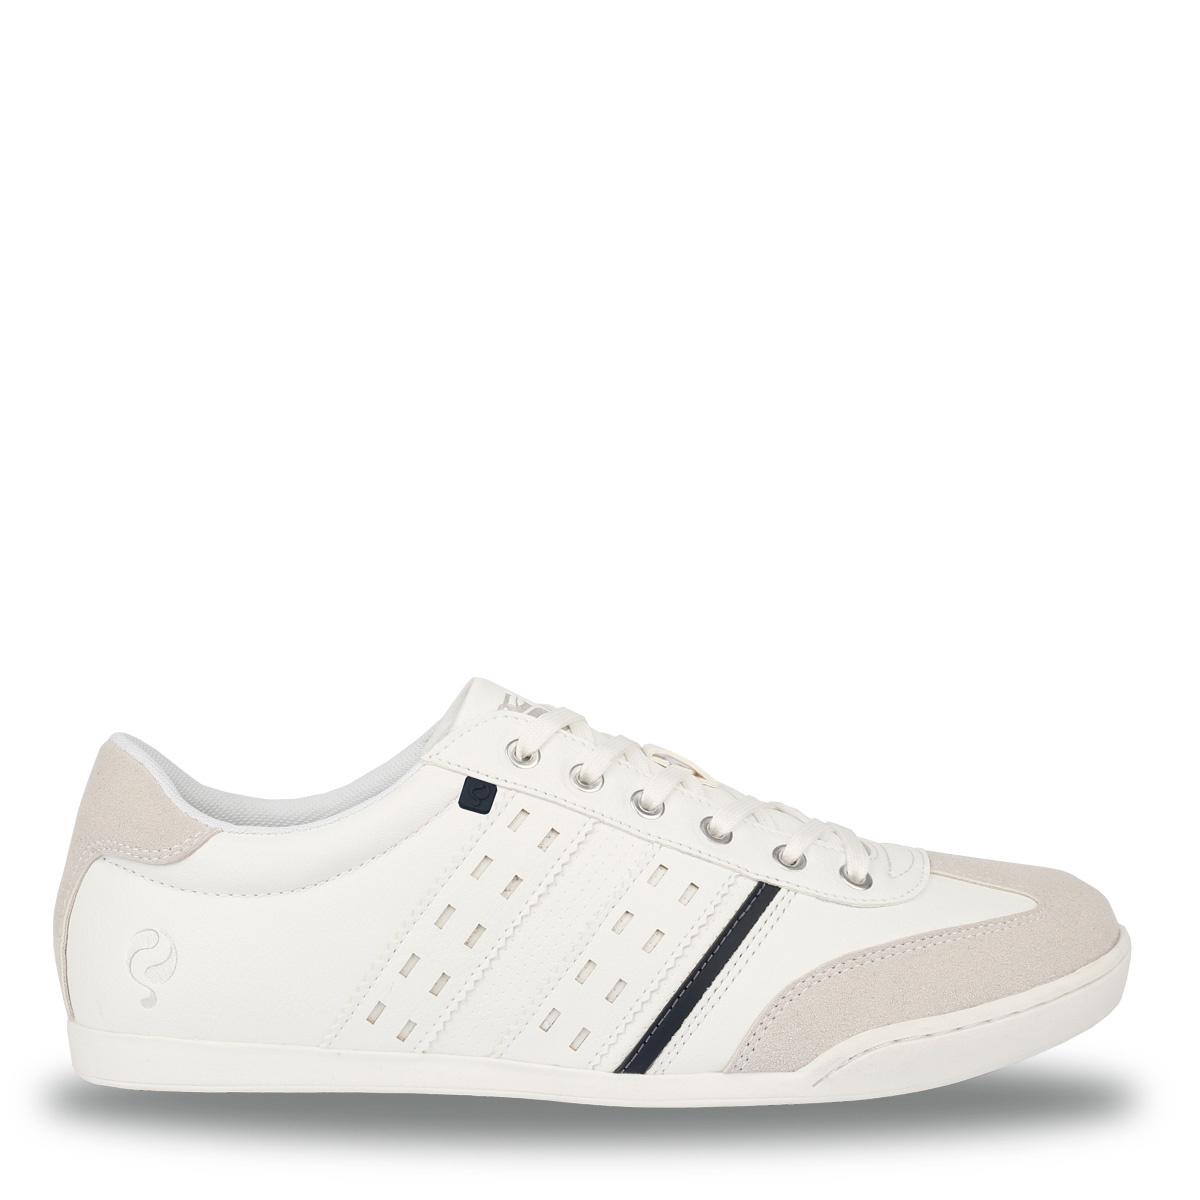 Adidas Online Sneakers